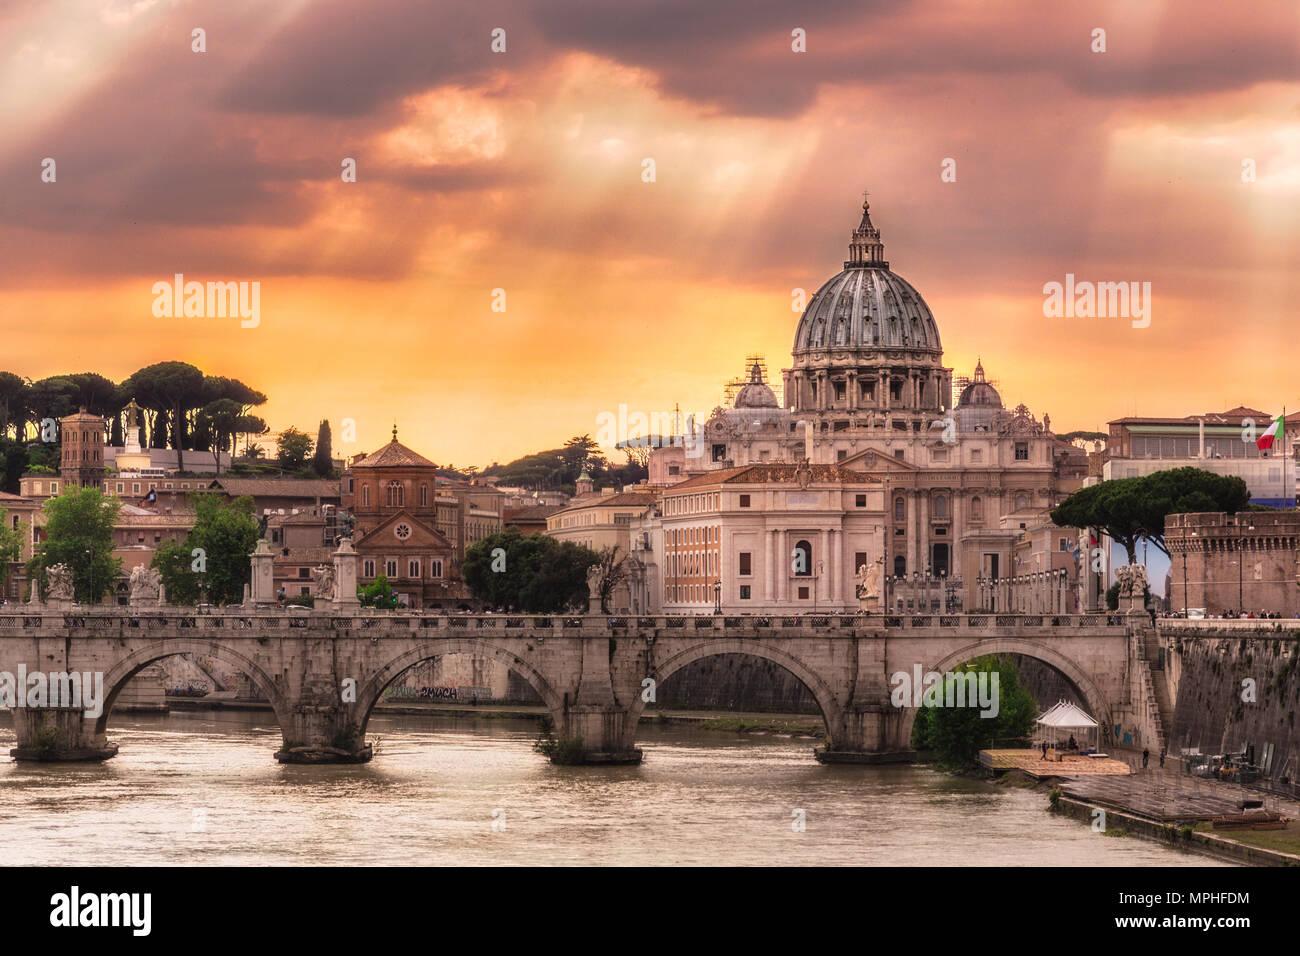 Que la ciudad de Roma, cerca de mí es increíble. Sólo la lluvia goteado ligeramente, pero la vida se replegaron en las callejuelas de la ciudad, dejando myse Foto de stock